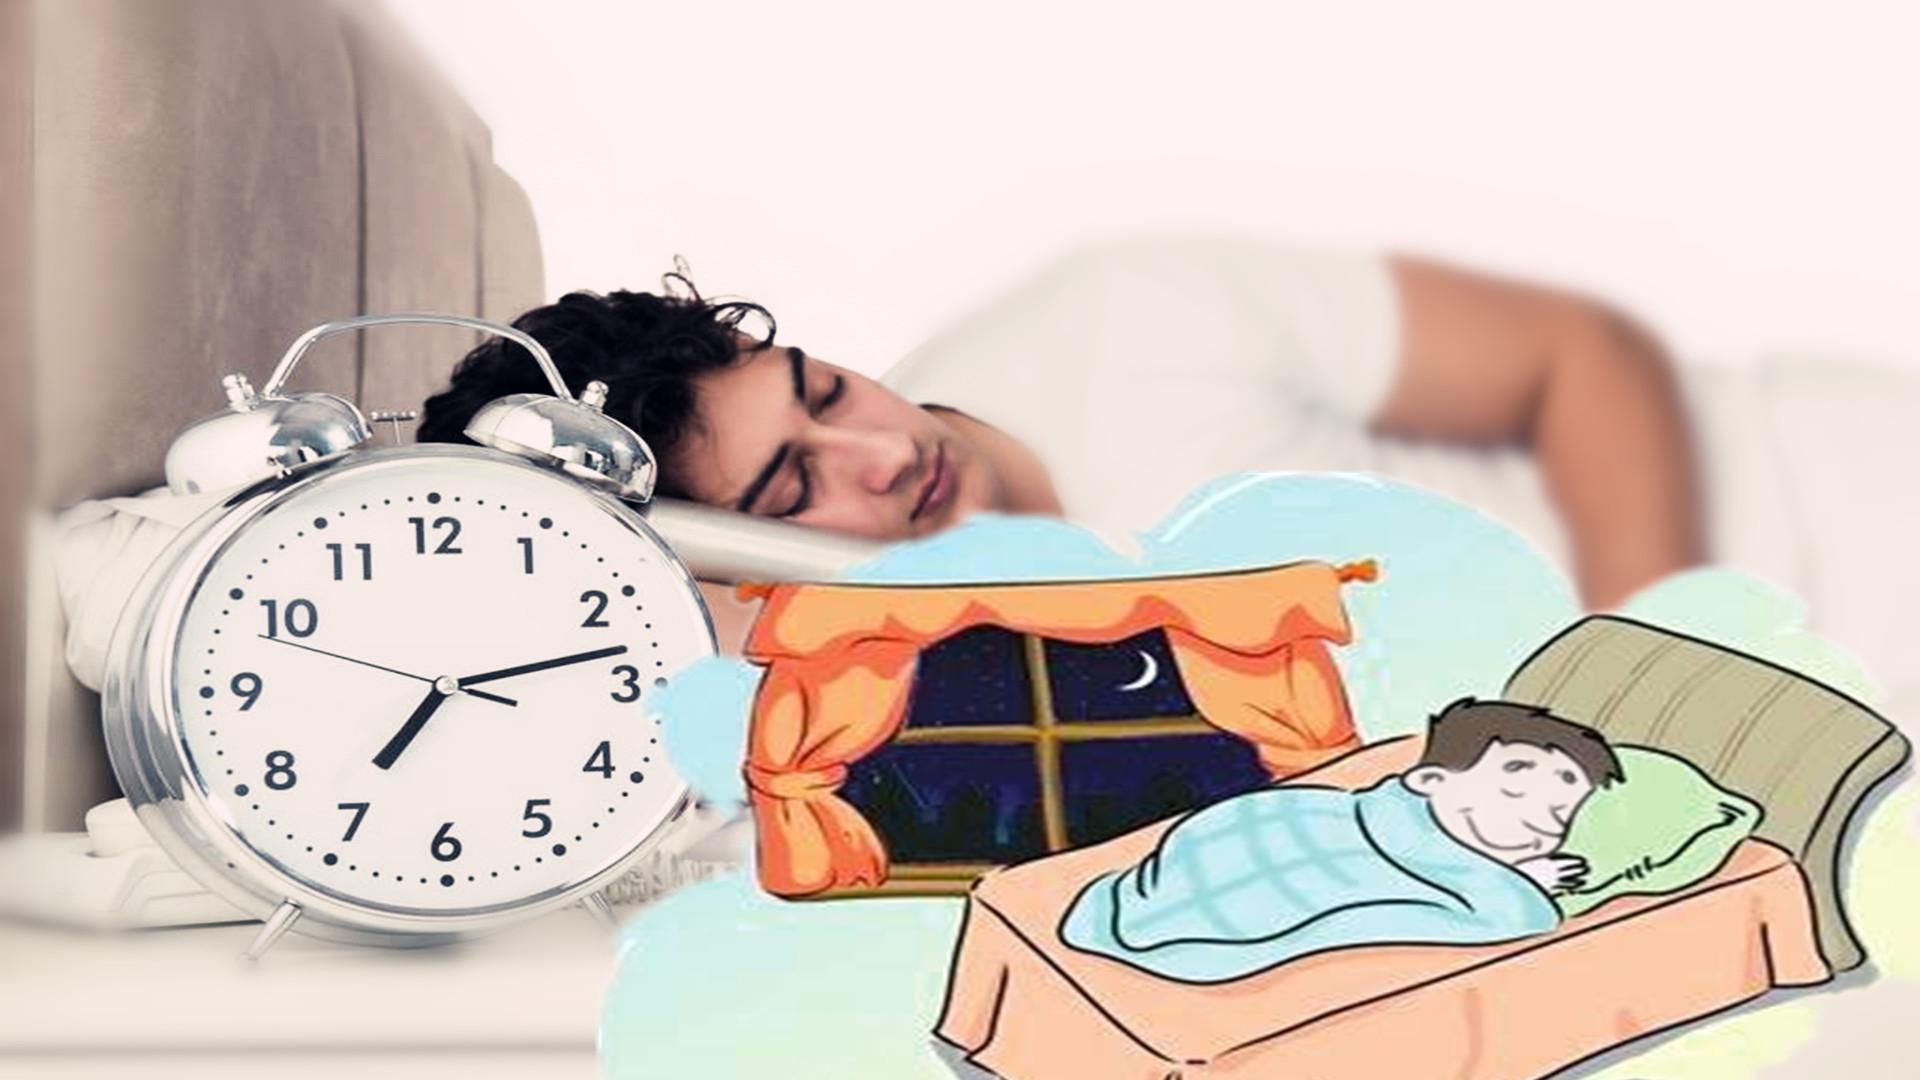 人为何会失眠?其实很多人的失眠,都是情绪长期压抑滋生出来的